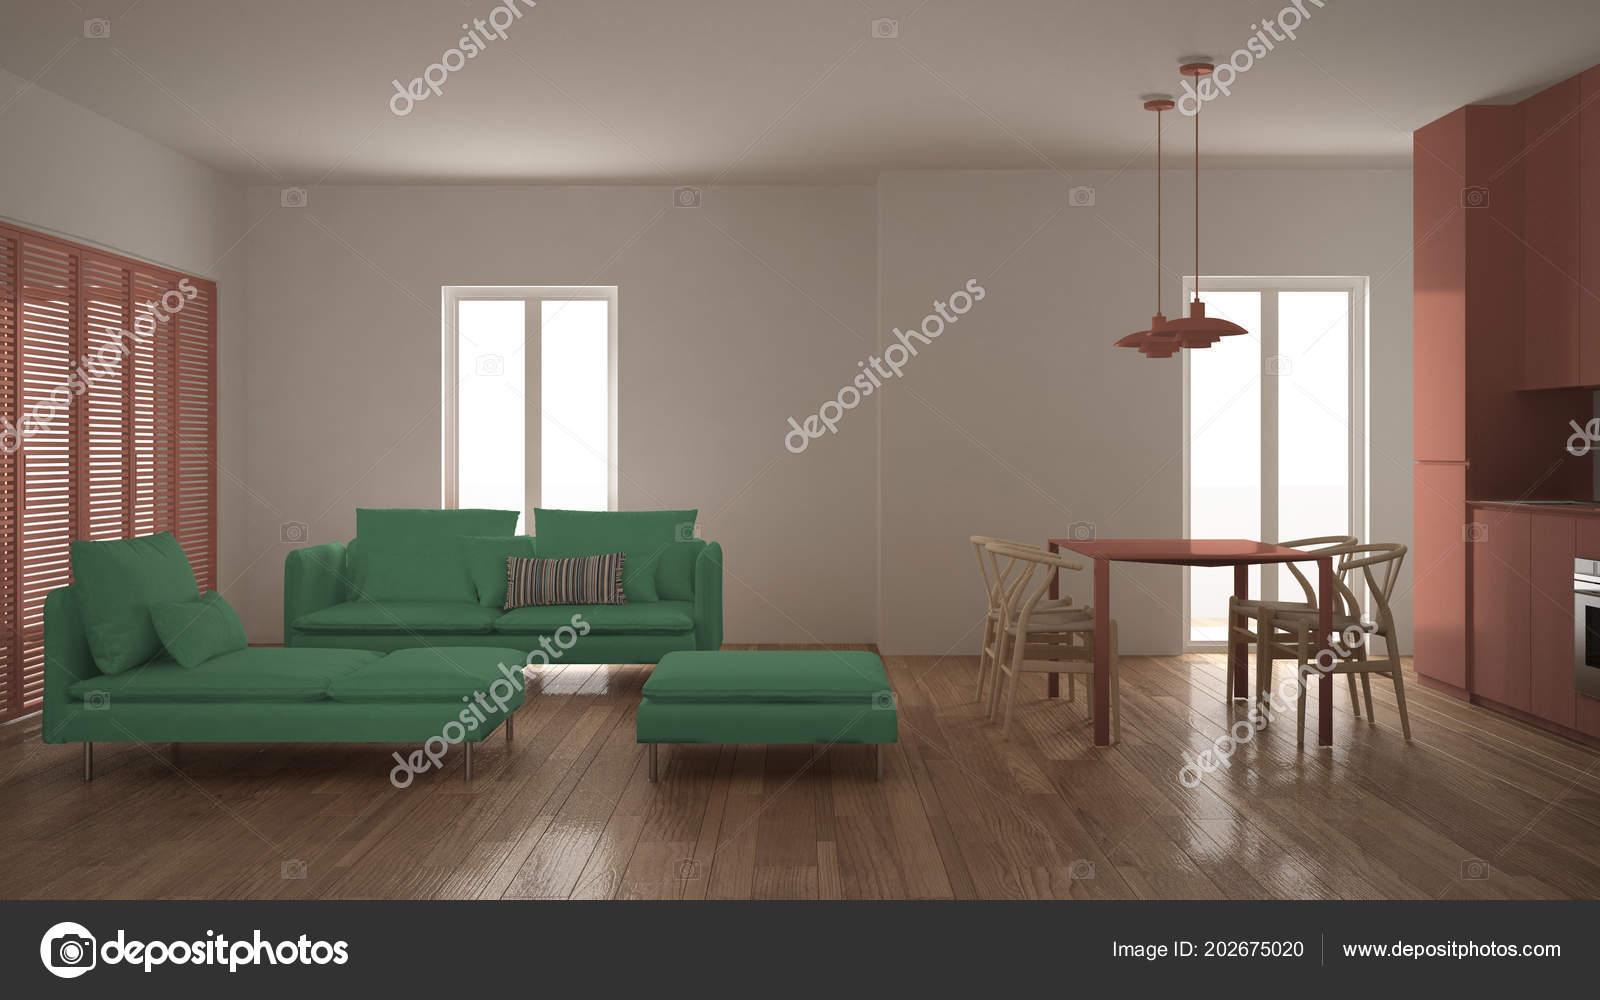 Salone moderno pulito con cucina tavolo pranzo divano pouf chaise